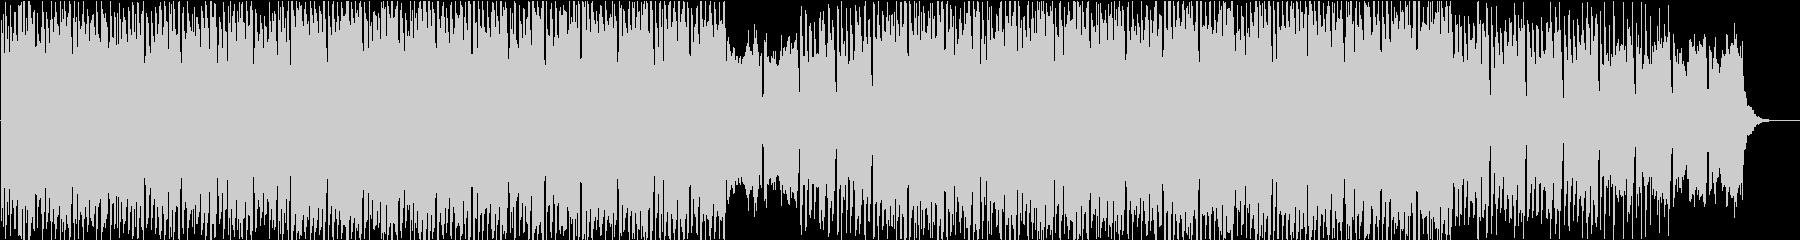 映像やゲームにループ系のBGM(WAV)の未再生の波形